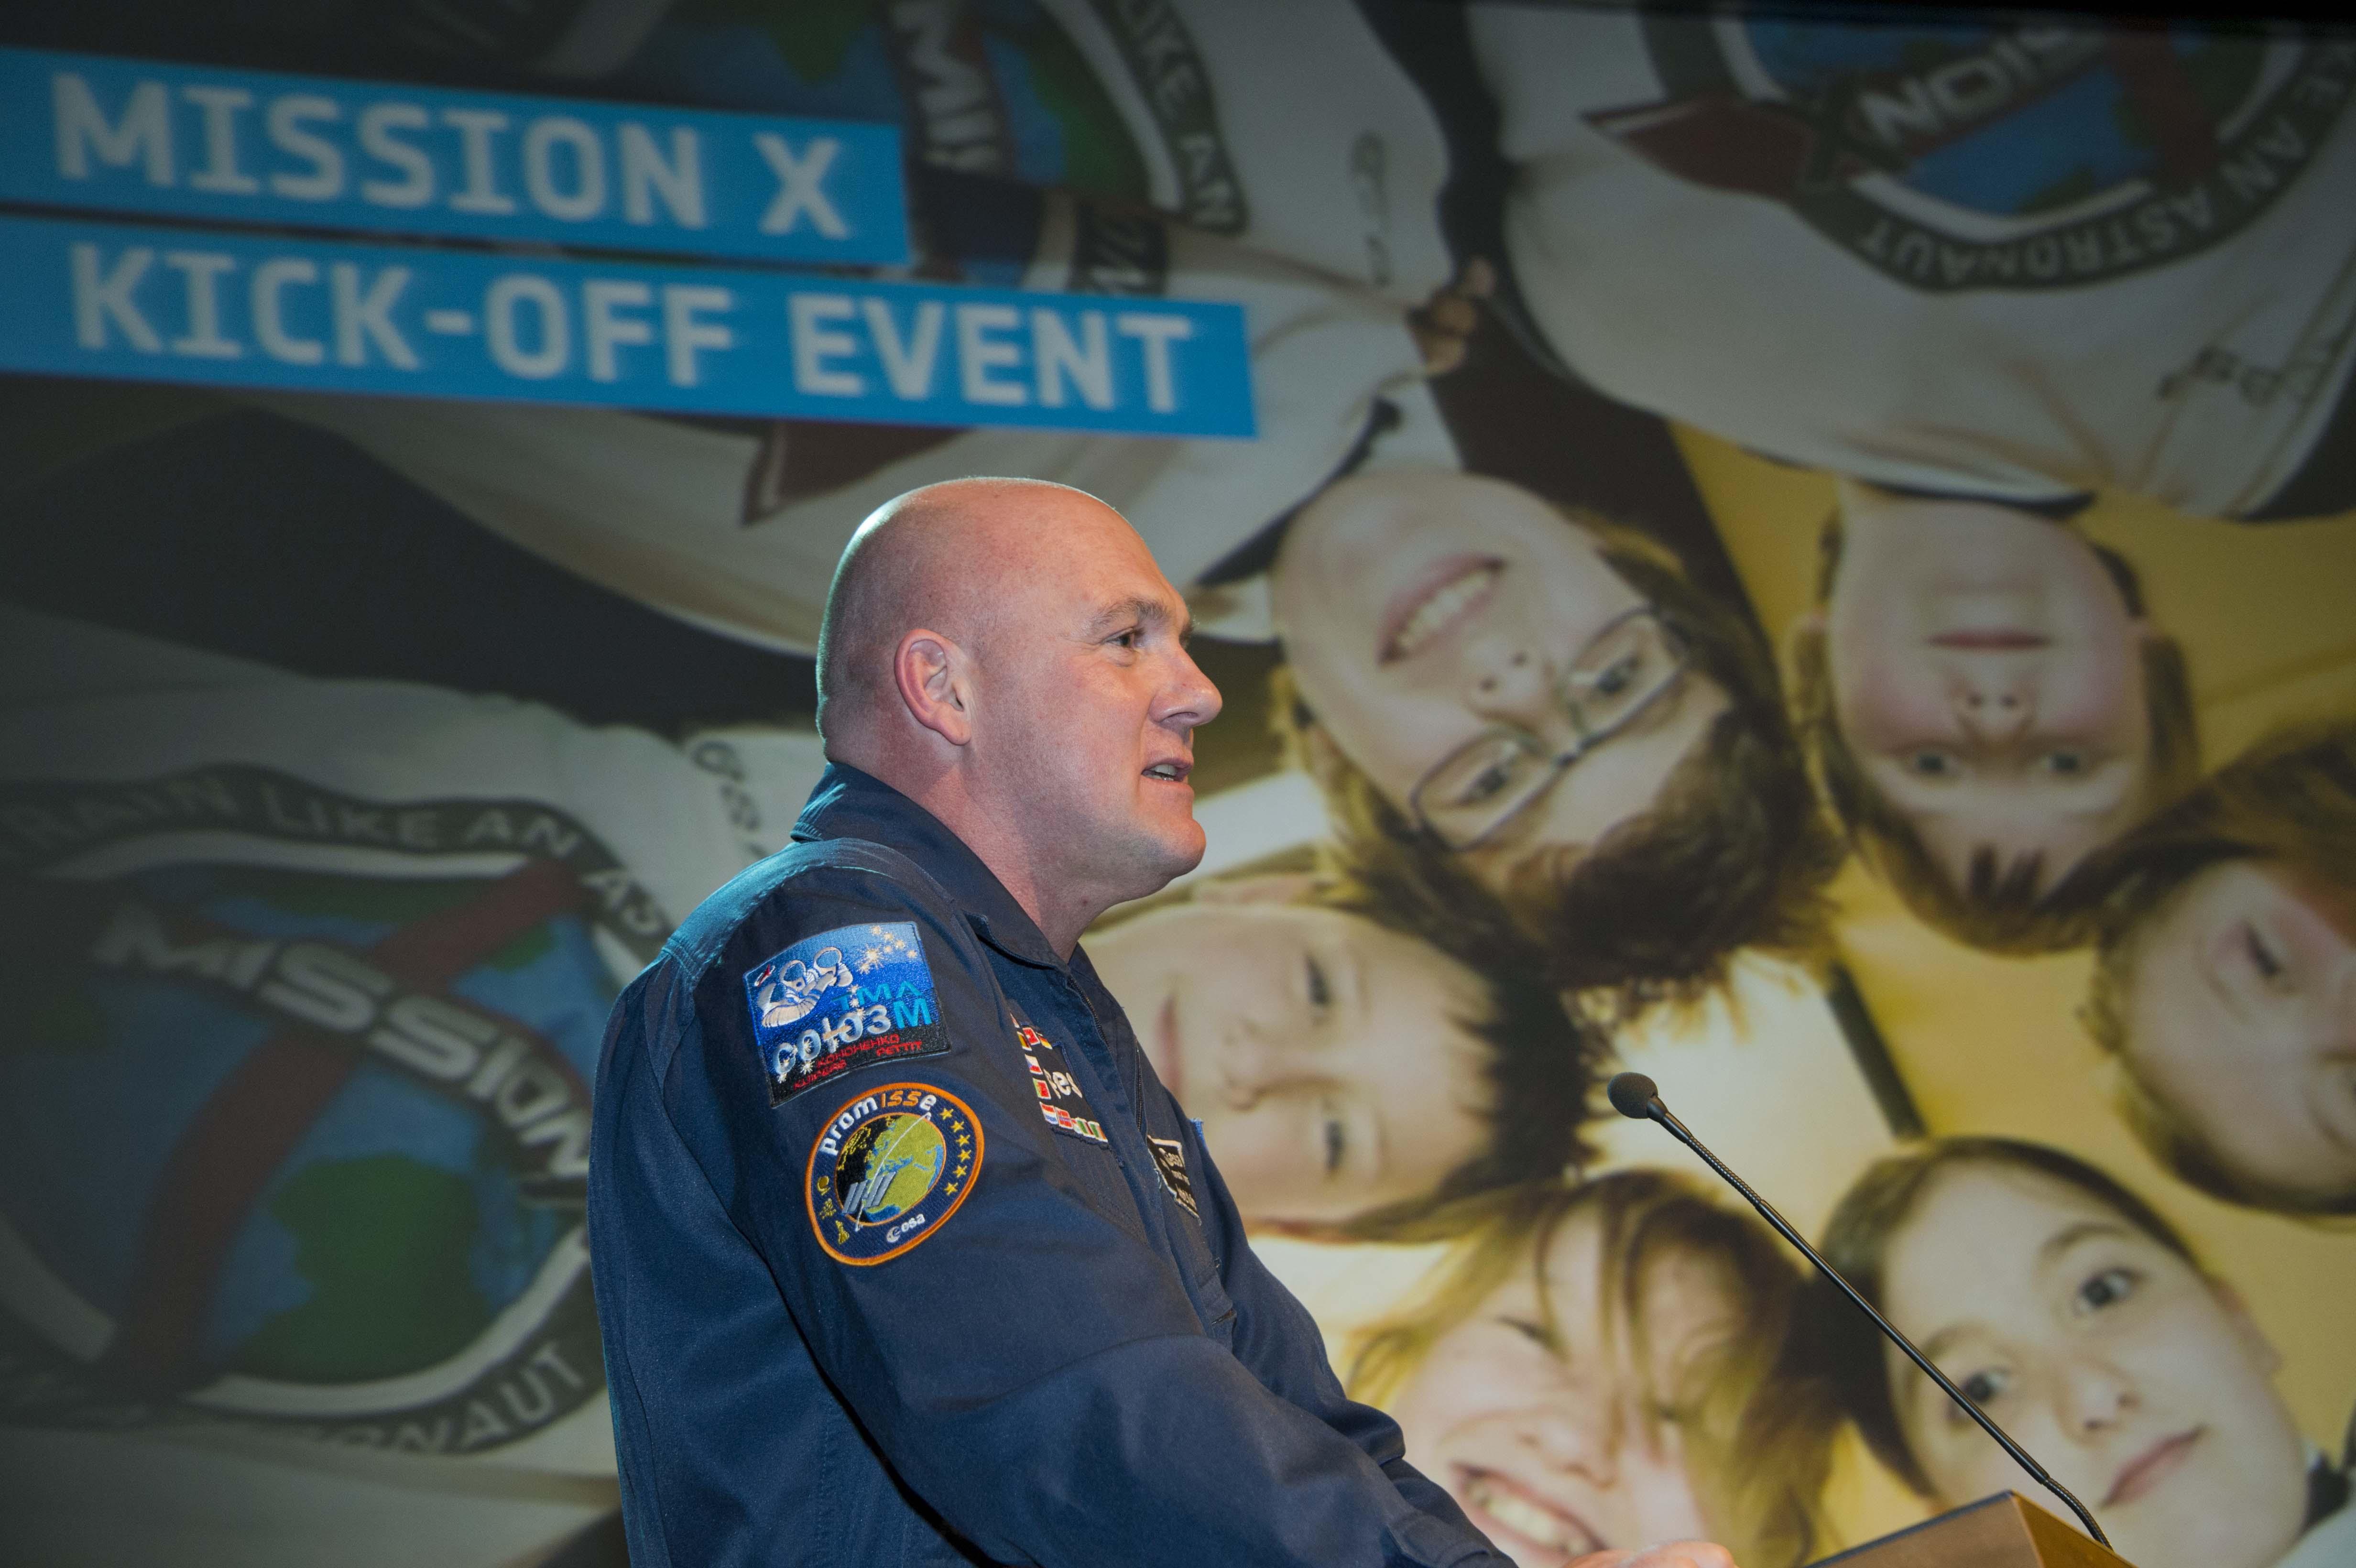 Esa Space For Kids Leben Im Weltraum Runter Vom Sofa Ab Zu Mission X Images